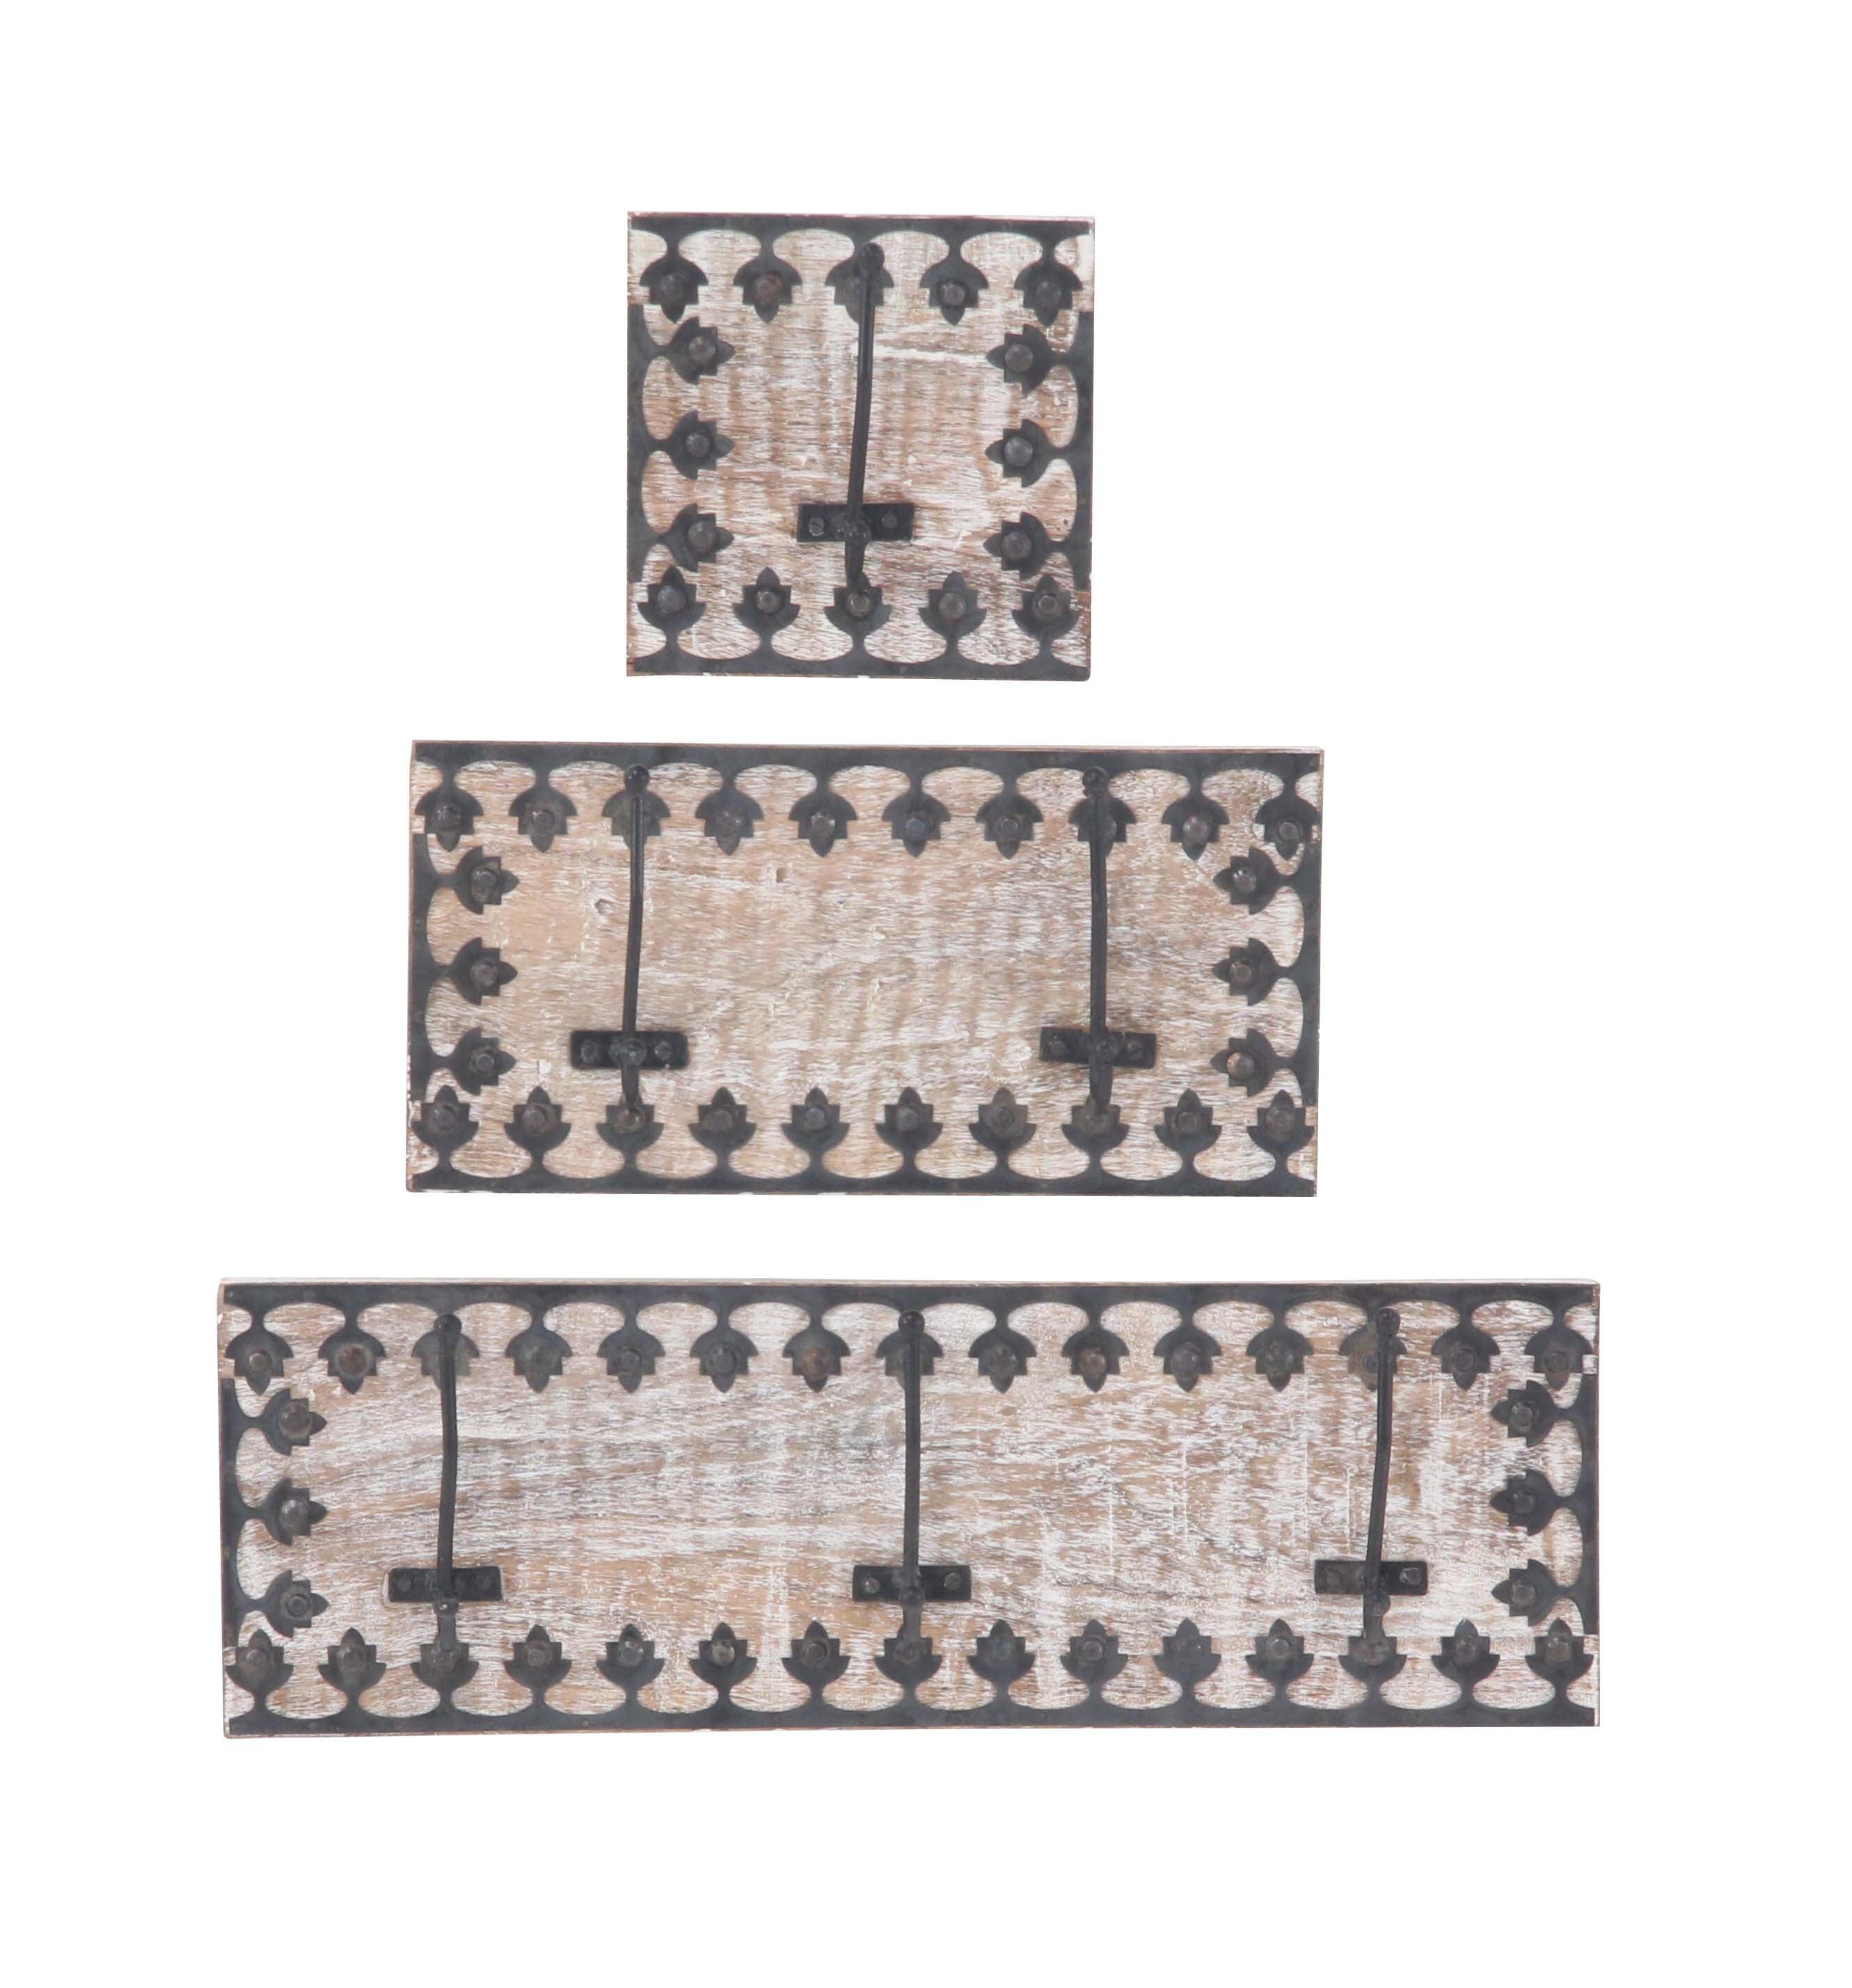 Decmode Set of 3 Mango Wood and Iron Ornate Framed Wall Hooks, Black